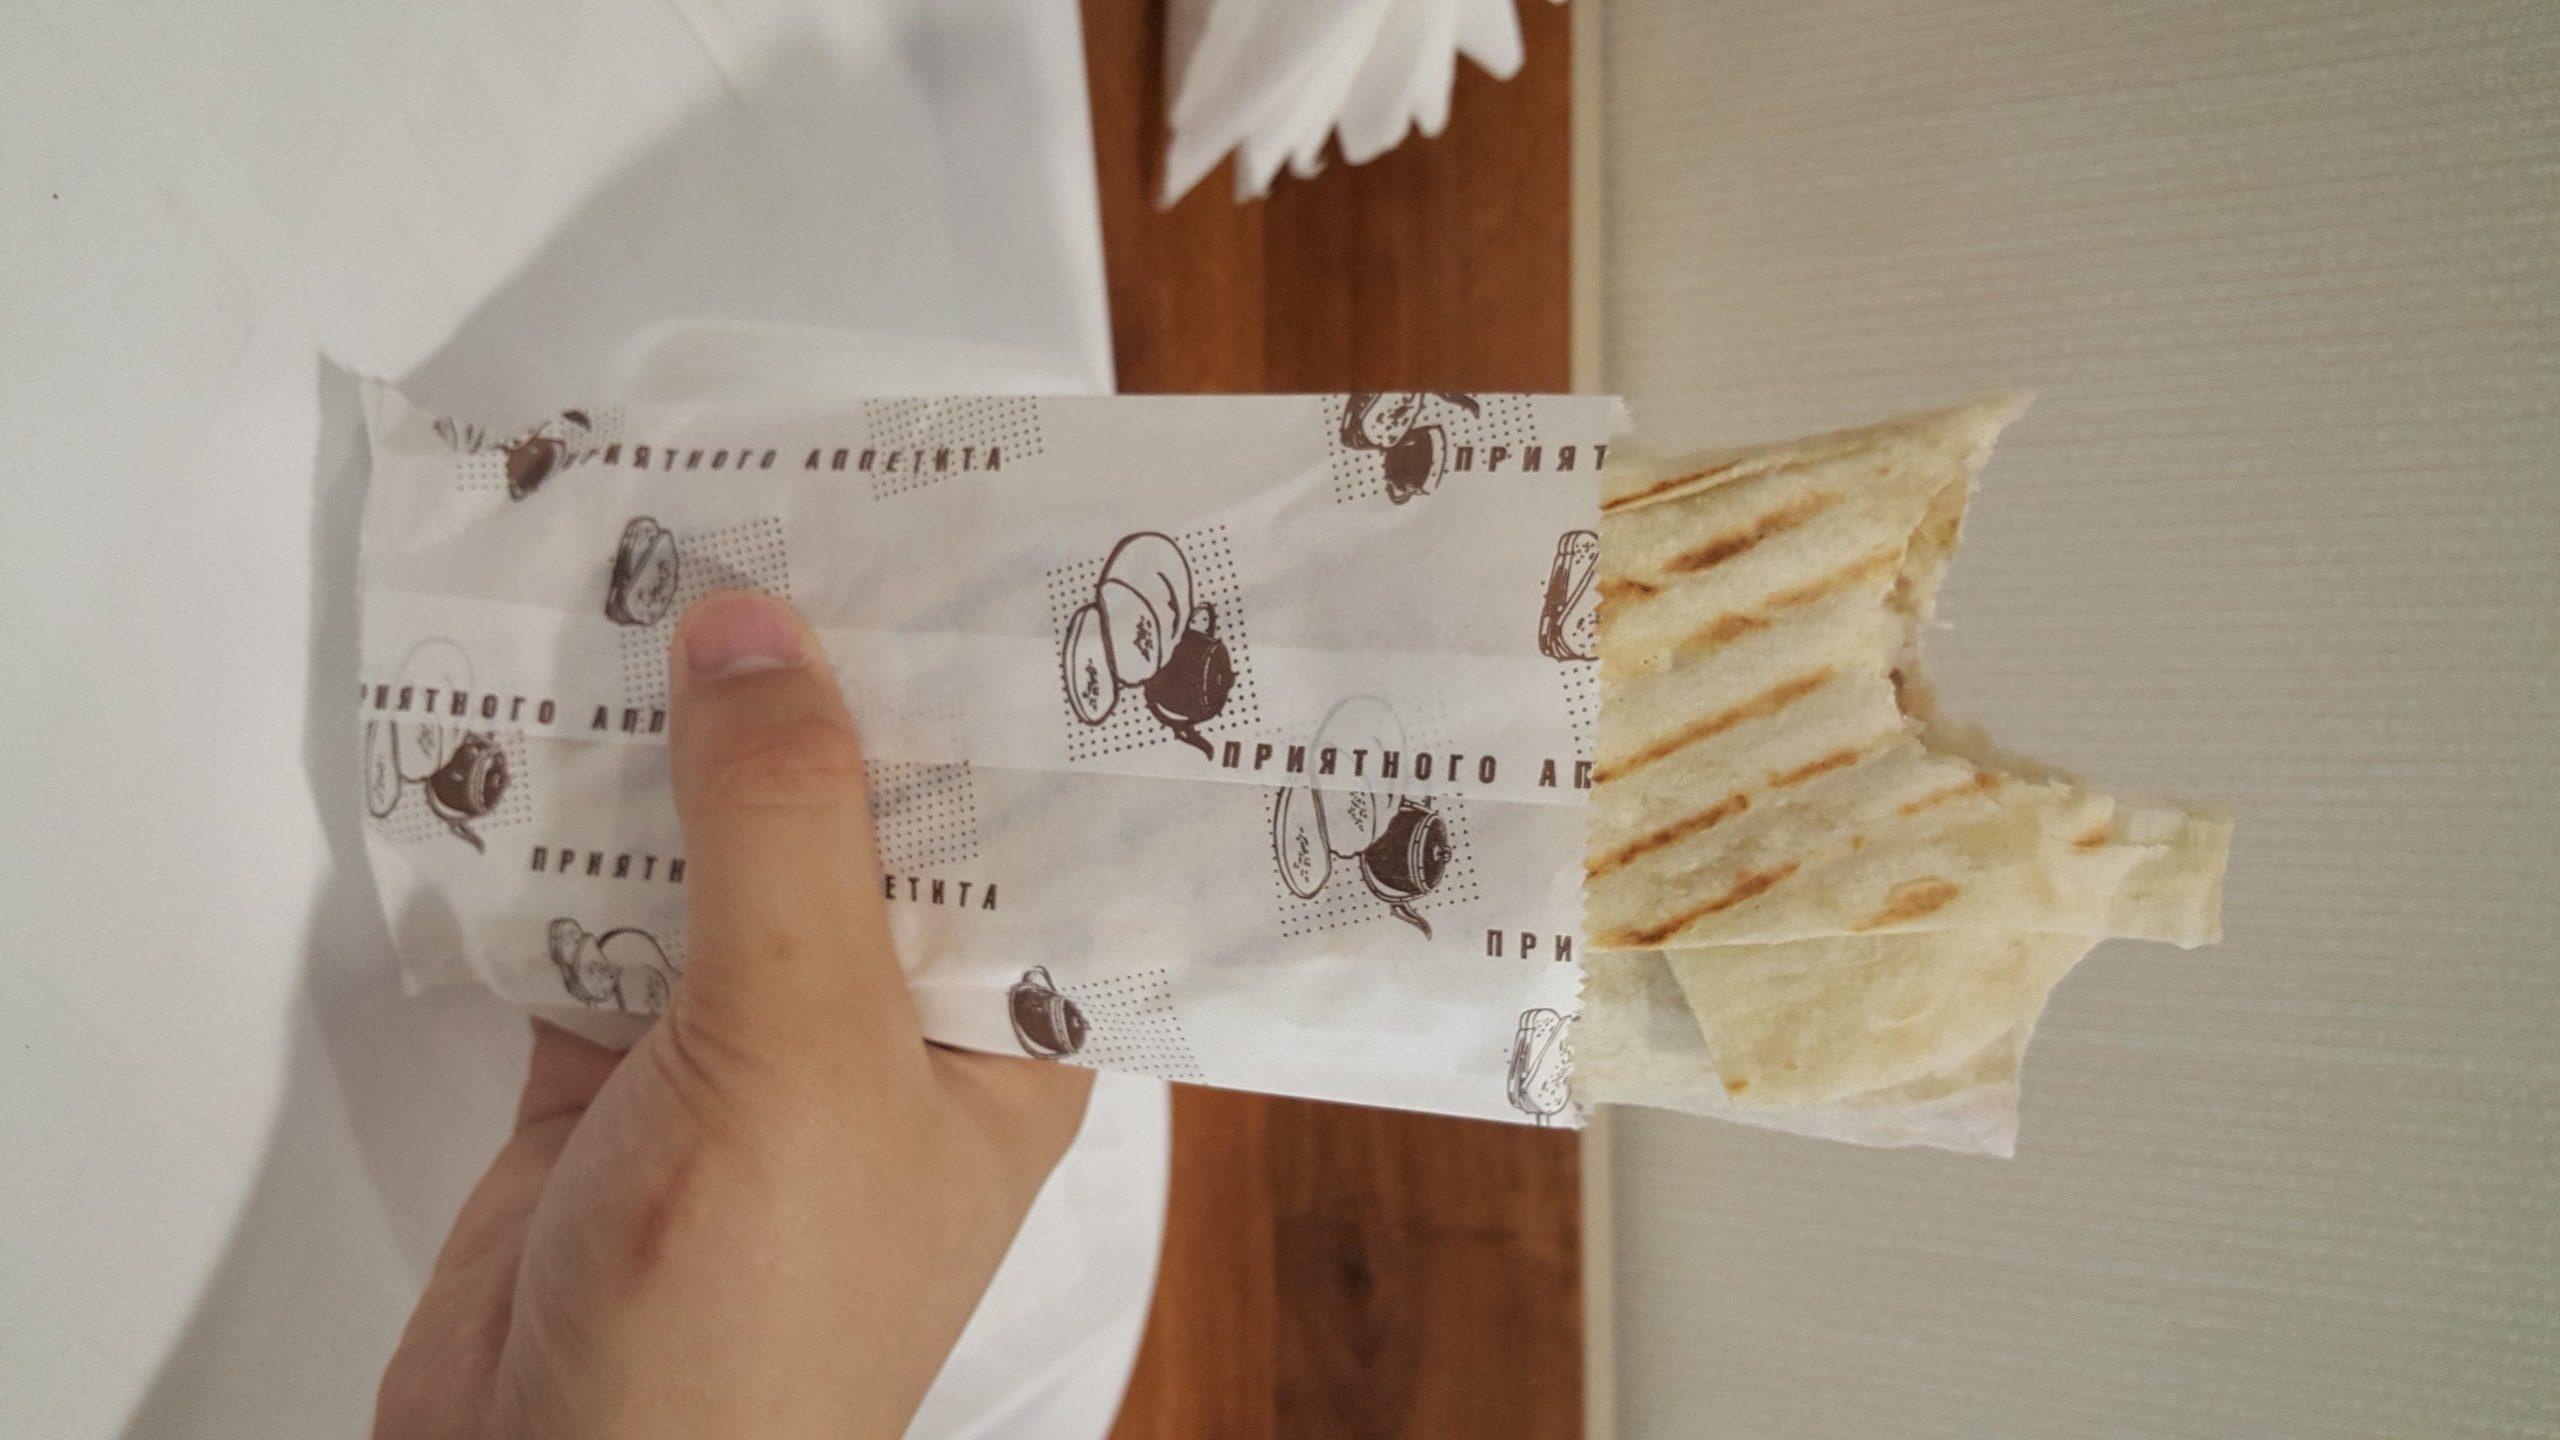 """这个东西叫做沙乌了马(Шаурма)又称""""土耳其卷饼"""",一个12元很便宜,一般男生一个半就能饱"""